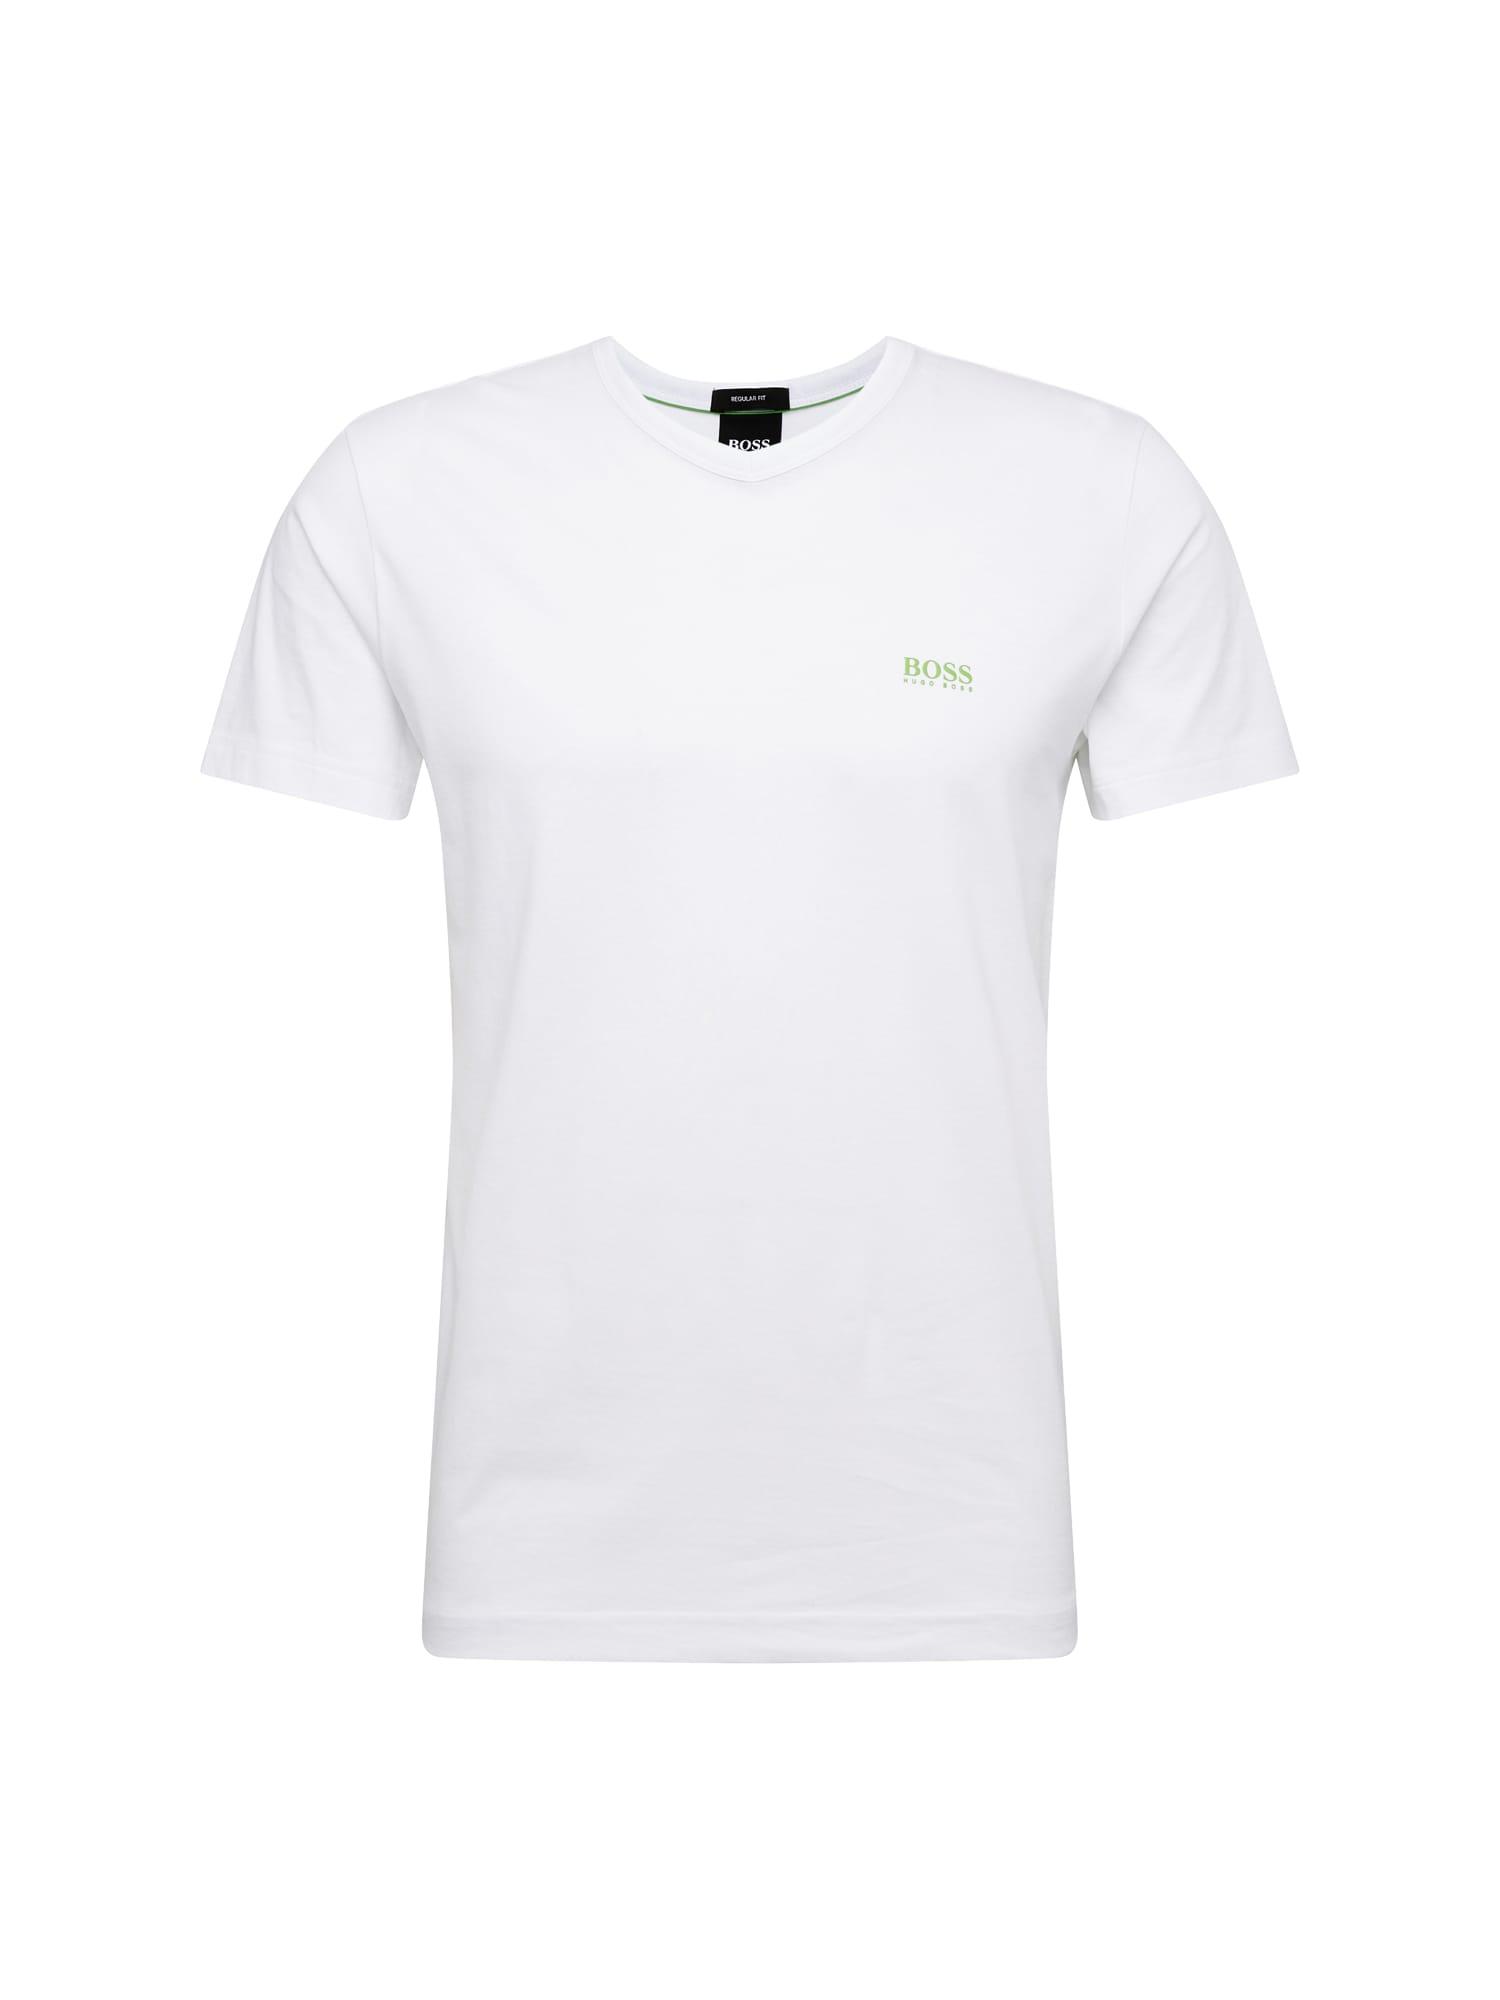 Tričko Teevn bílá BOSS